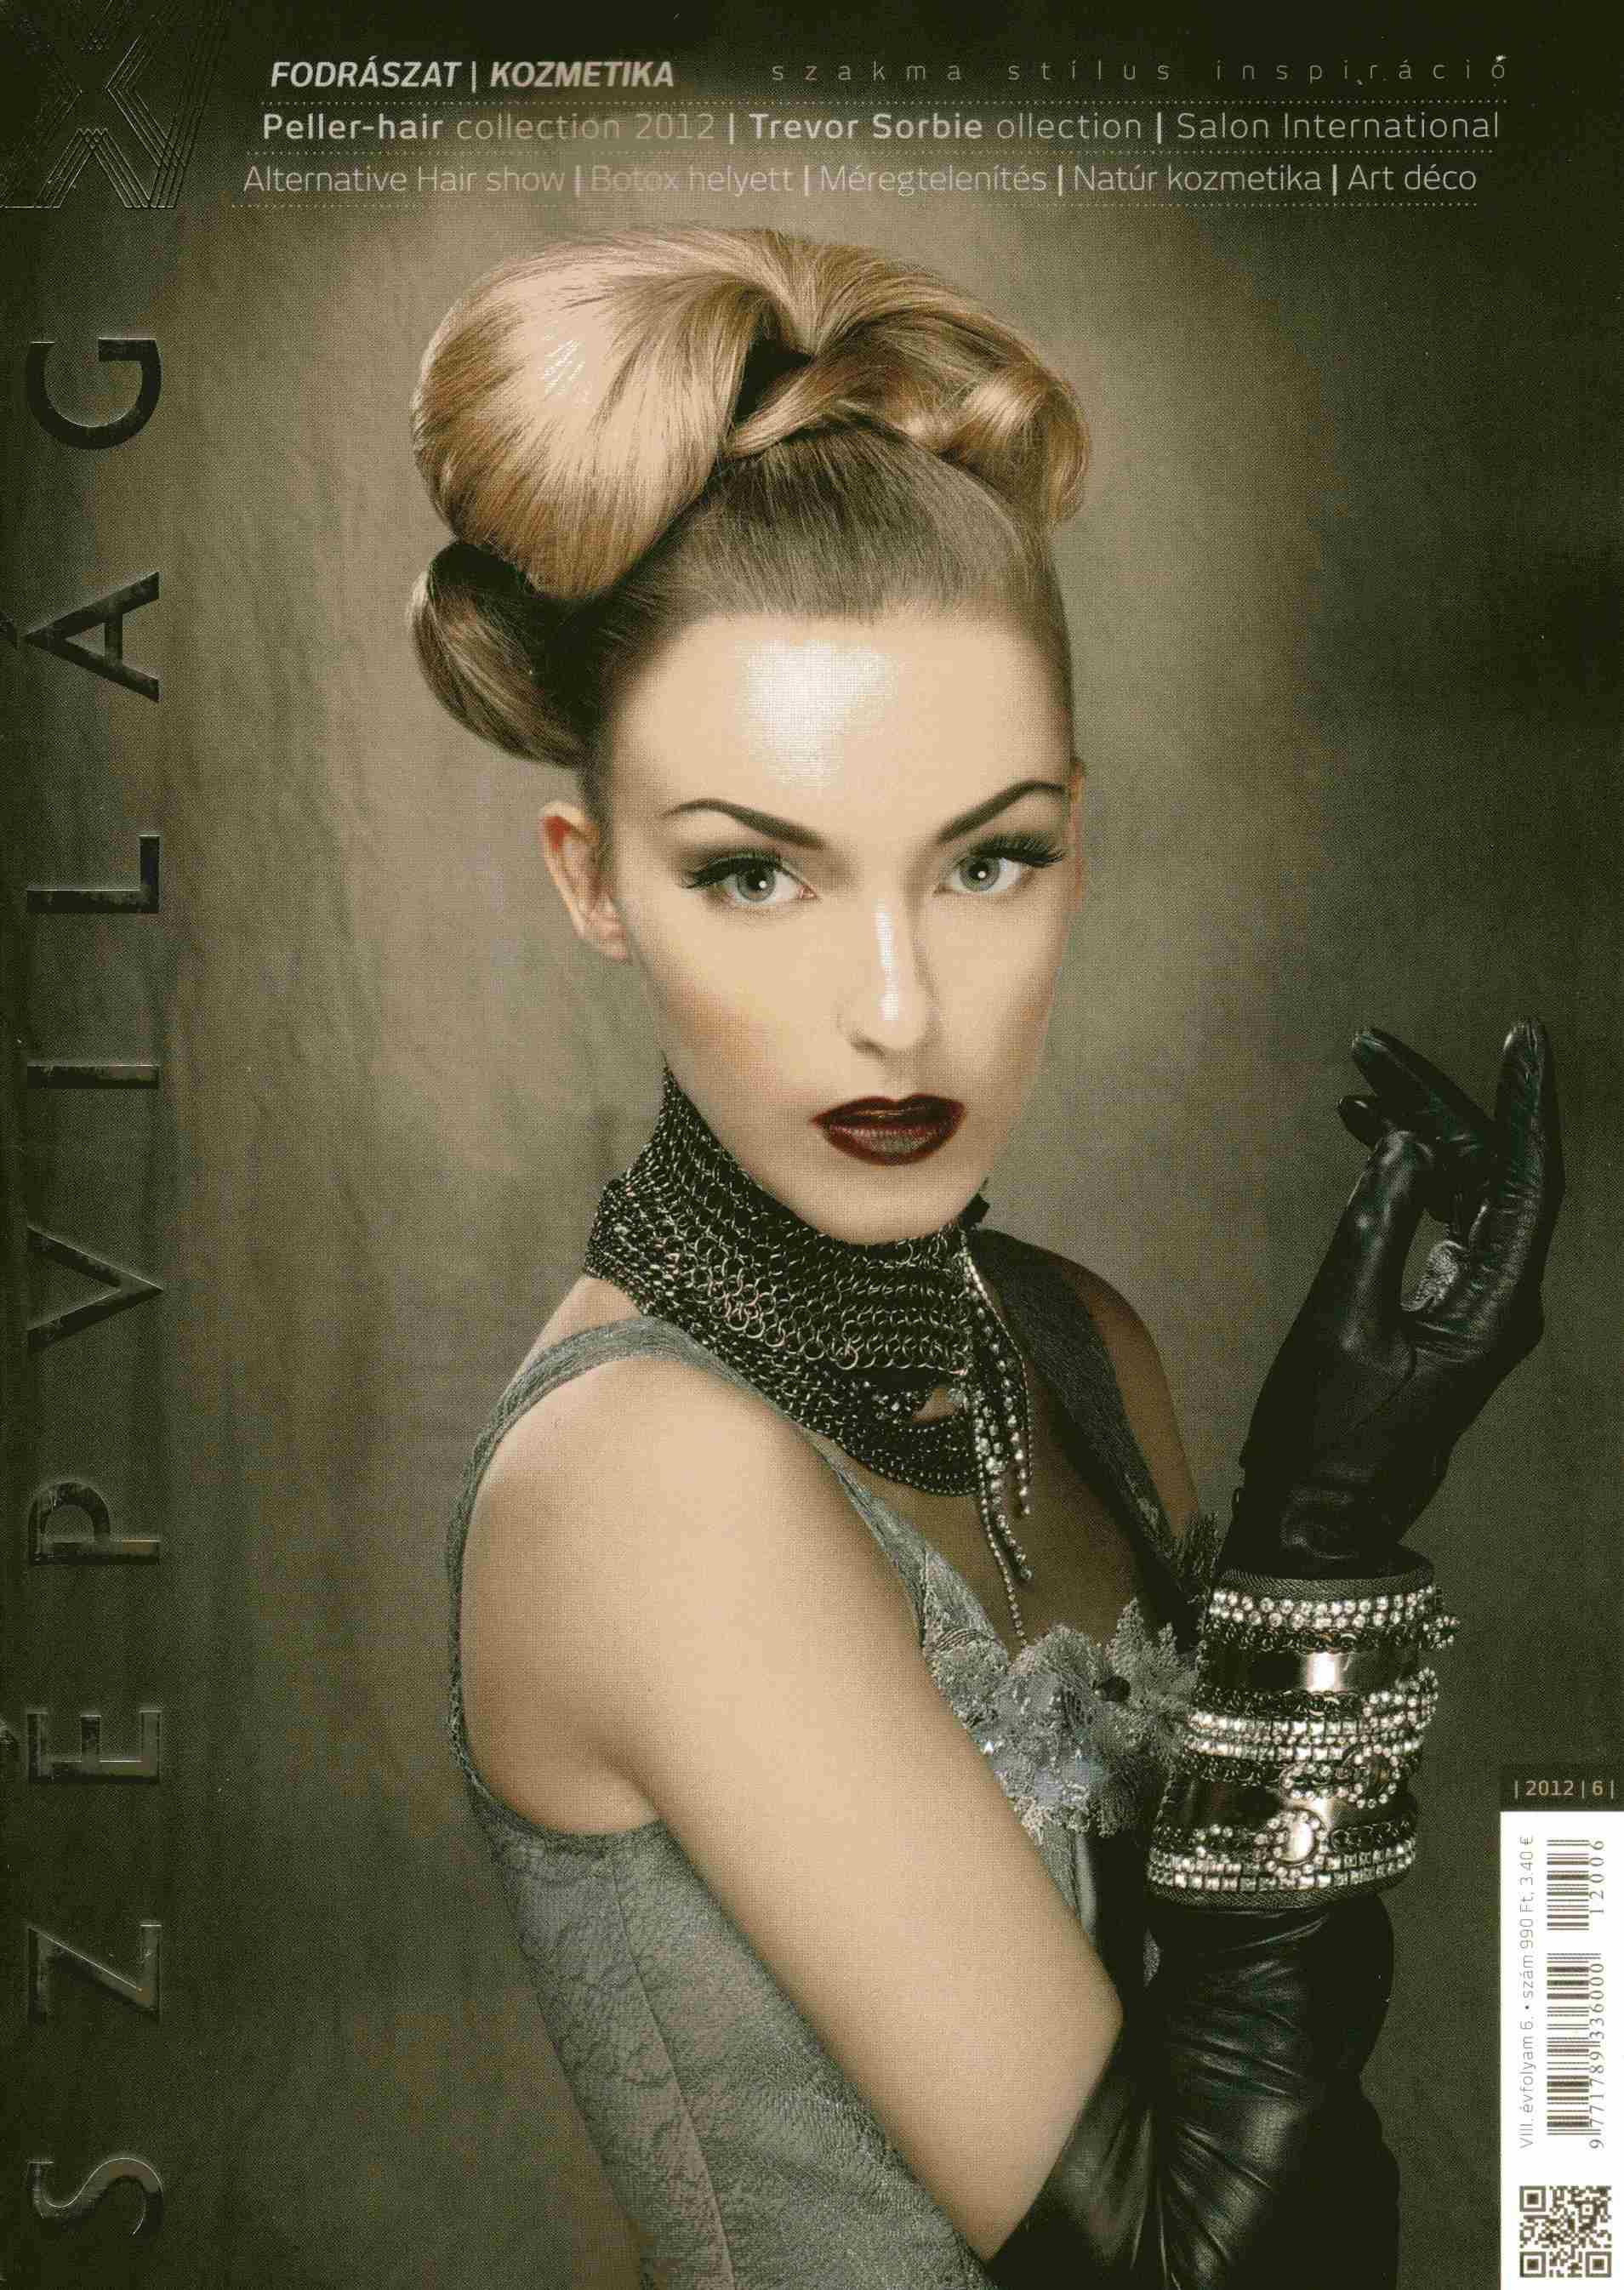 <p>A mesterfogdrász is csatlakozott a Beauty World Nethez. Erről cikkezett az egyik kiemelkedő szakmai lap a Szépvilág magazin is.</p>